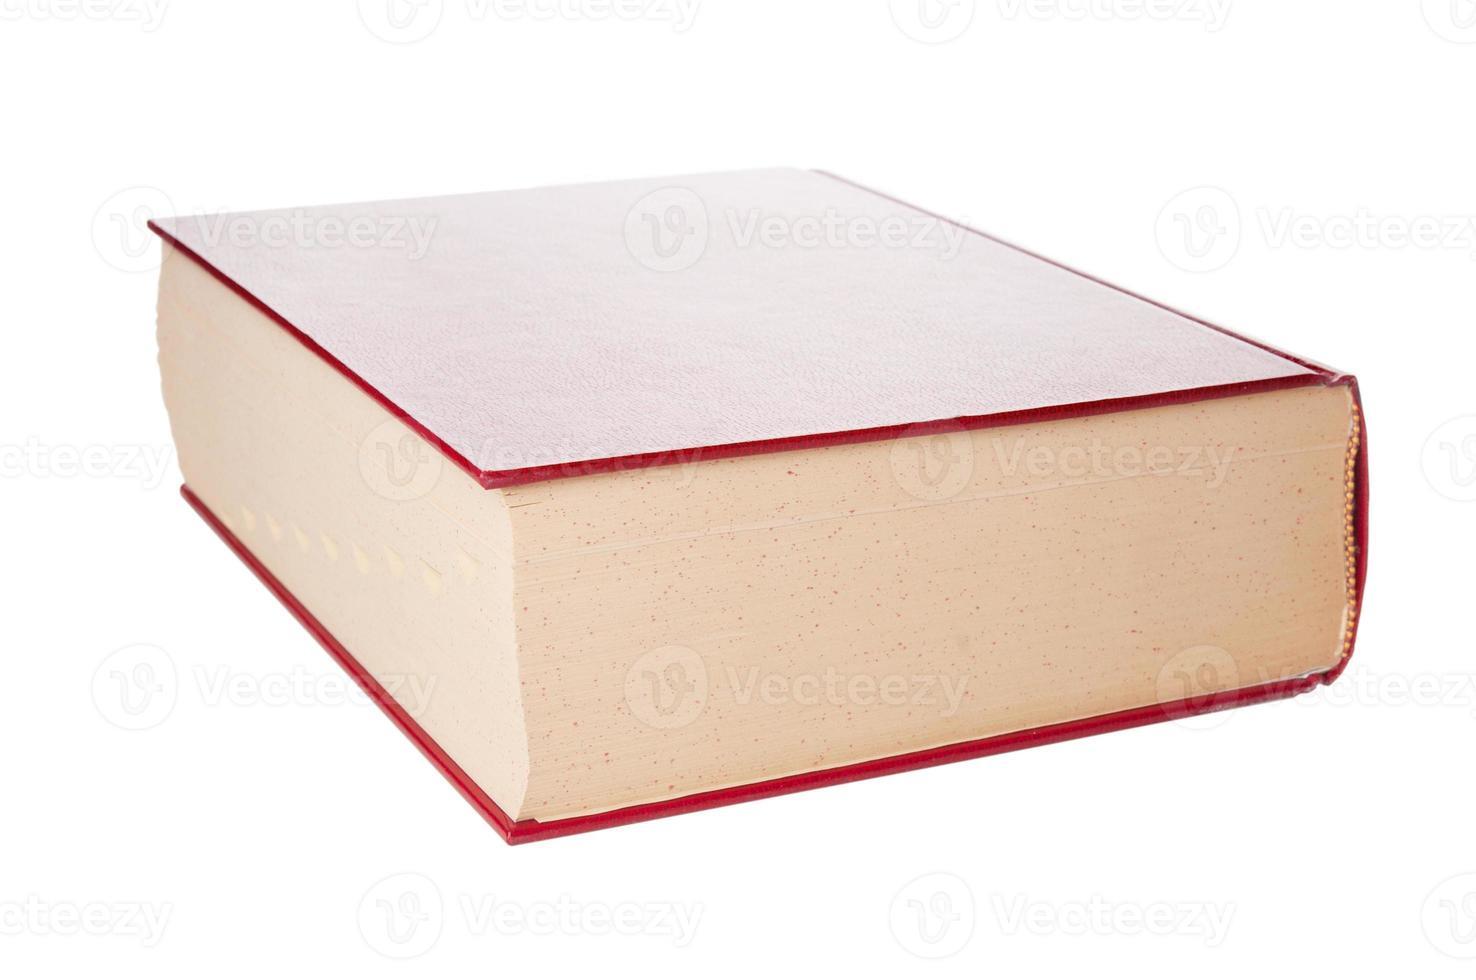 dicionário closeup no fundo branco foto